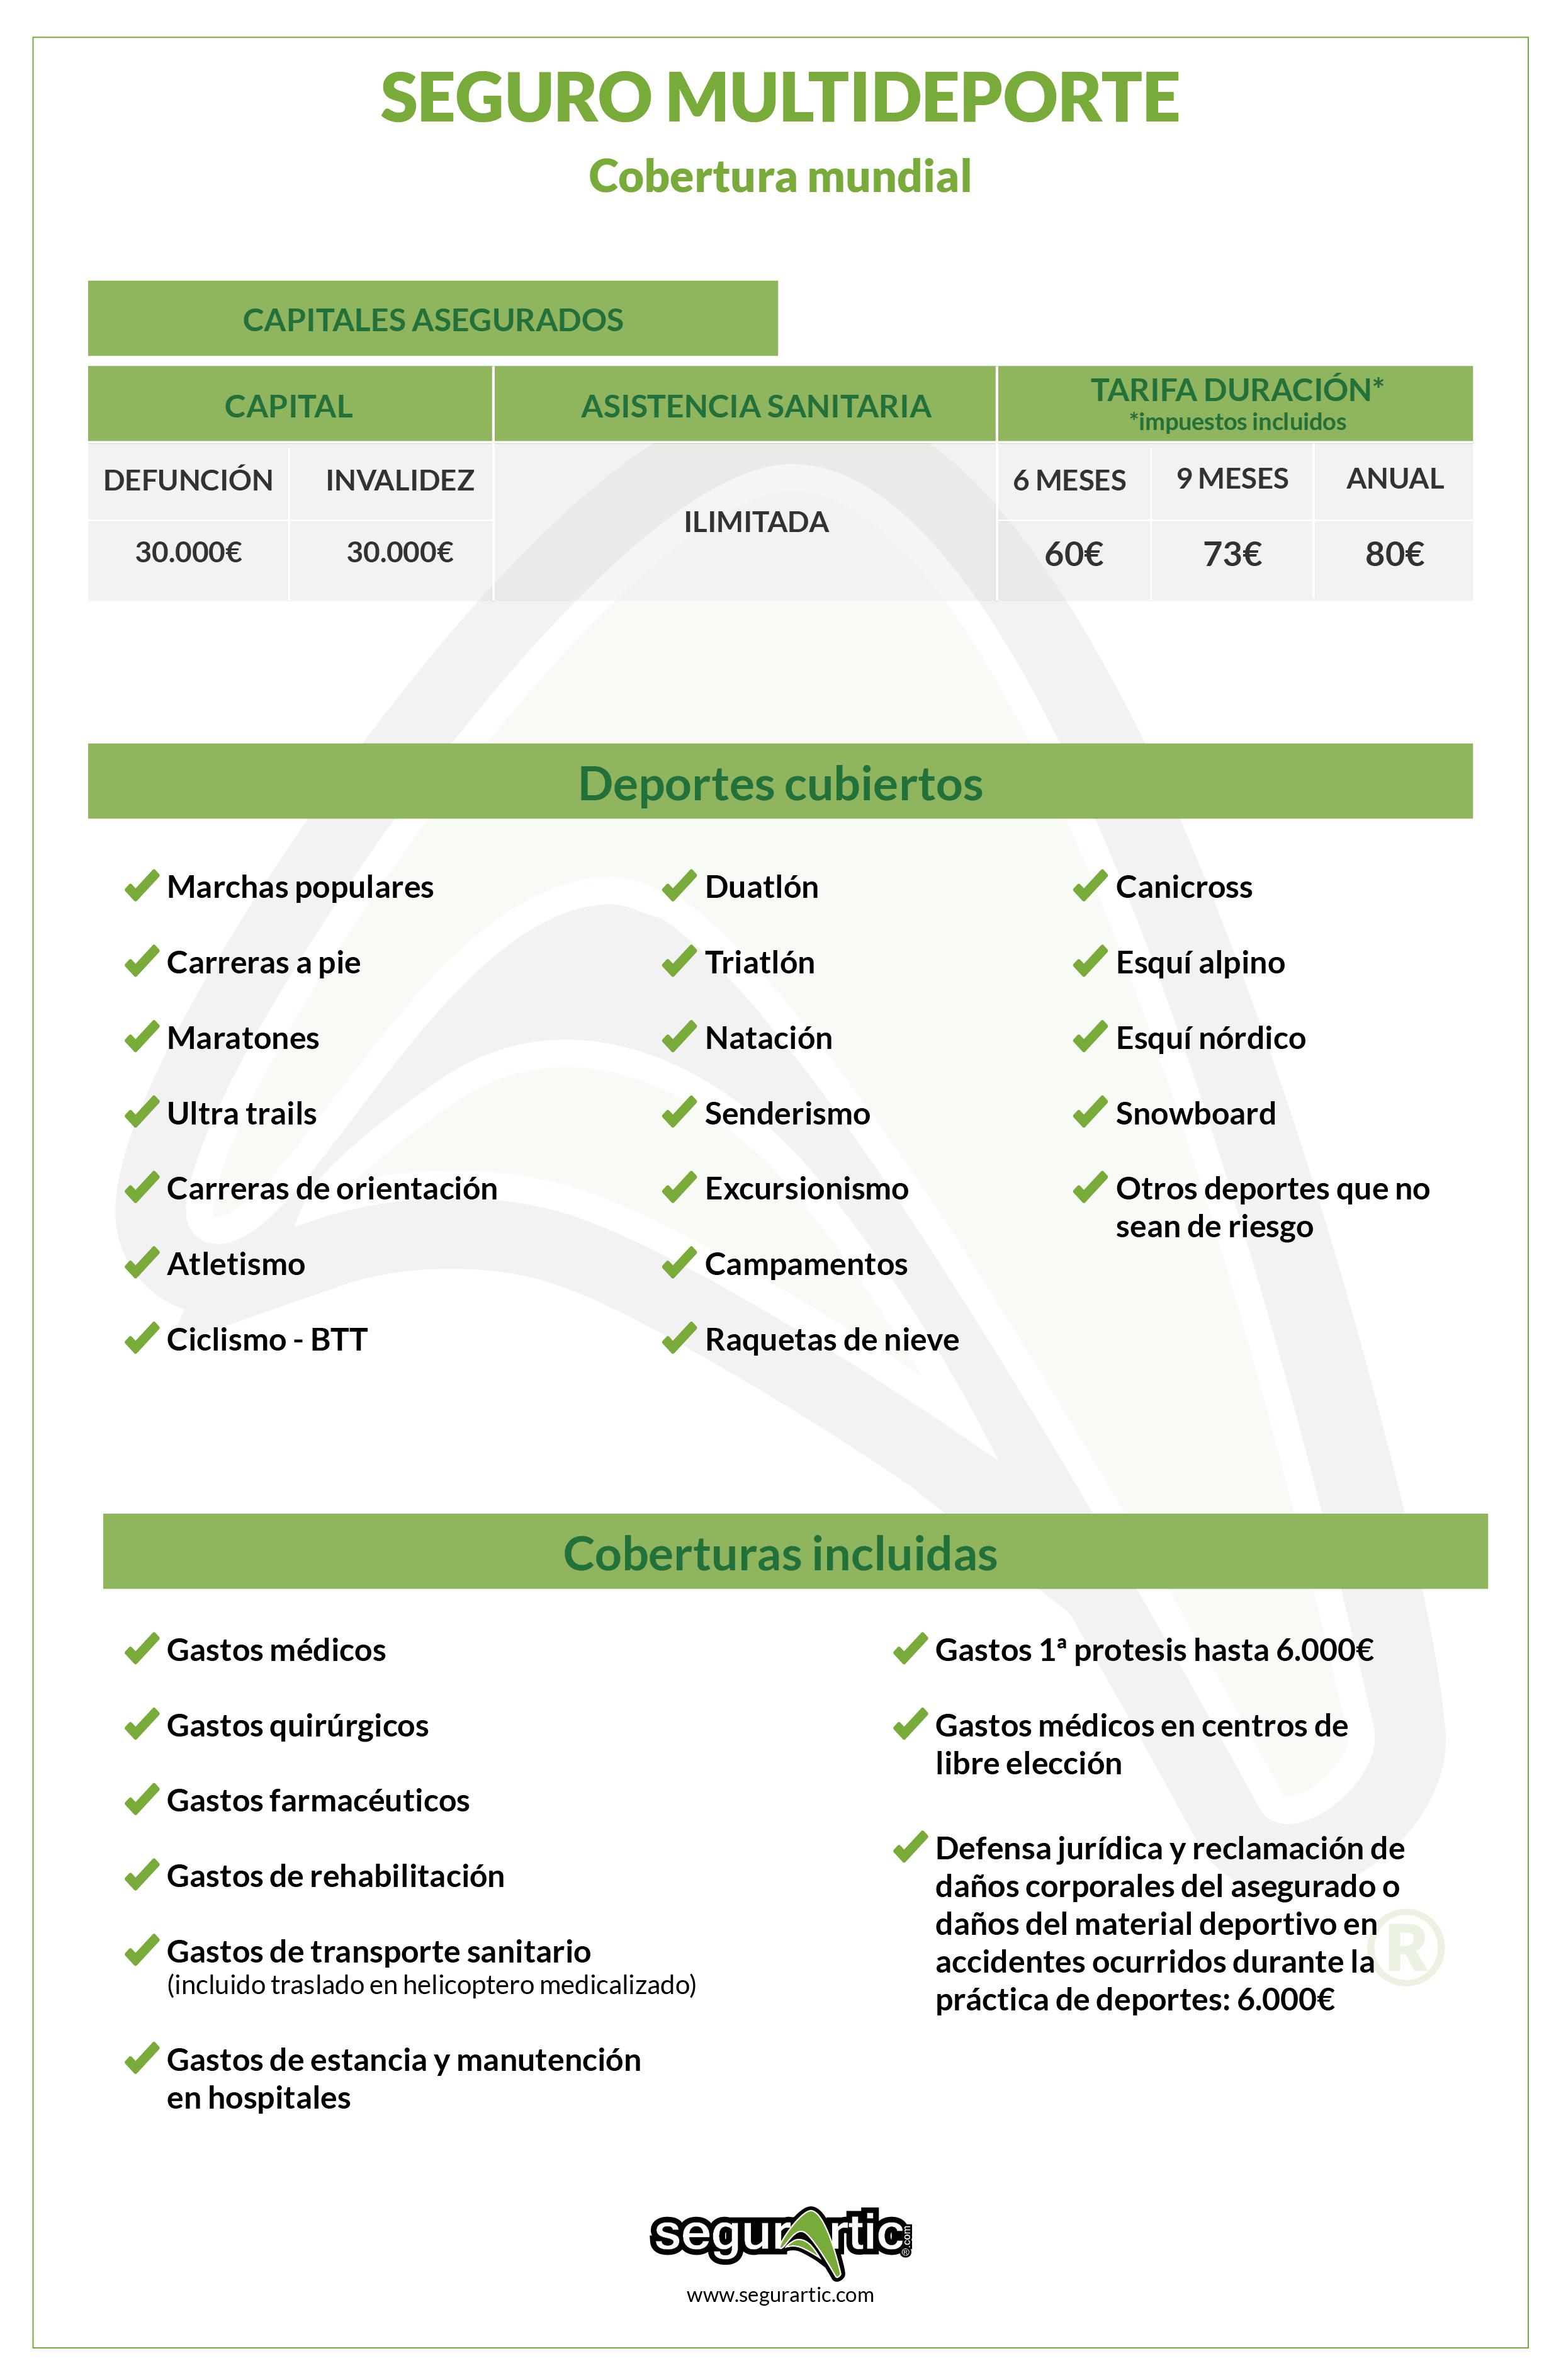 seguros-deportivos, seguros-accidentes-deportivos, seguros-deporte, seguros-accidentes-deporte, seguros-senderismo, seguros-esqui, seguros-para-esqui, seguros-btt, seguros-para-btt, seguros-mt, seguros-multideporte, seguros-deportivos-multideporte, seguros-para-futbol, seguros-deportes-acuaticos, seguros-para-surf, seguros-surf, seguros-para-surf;